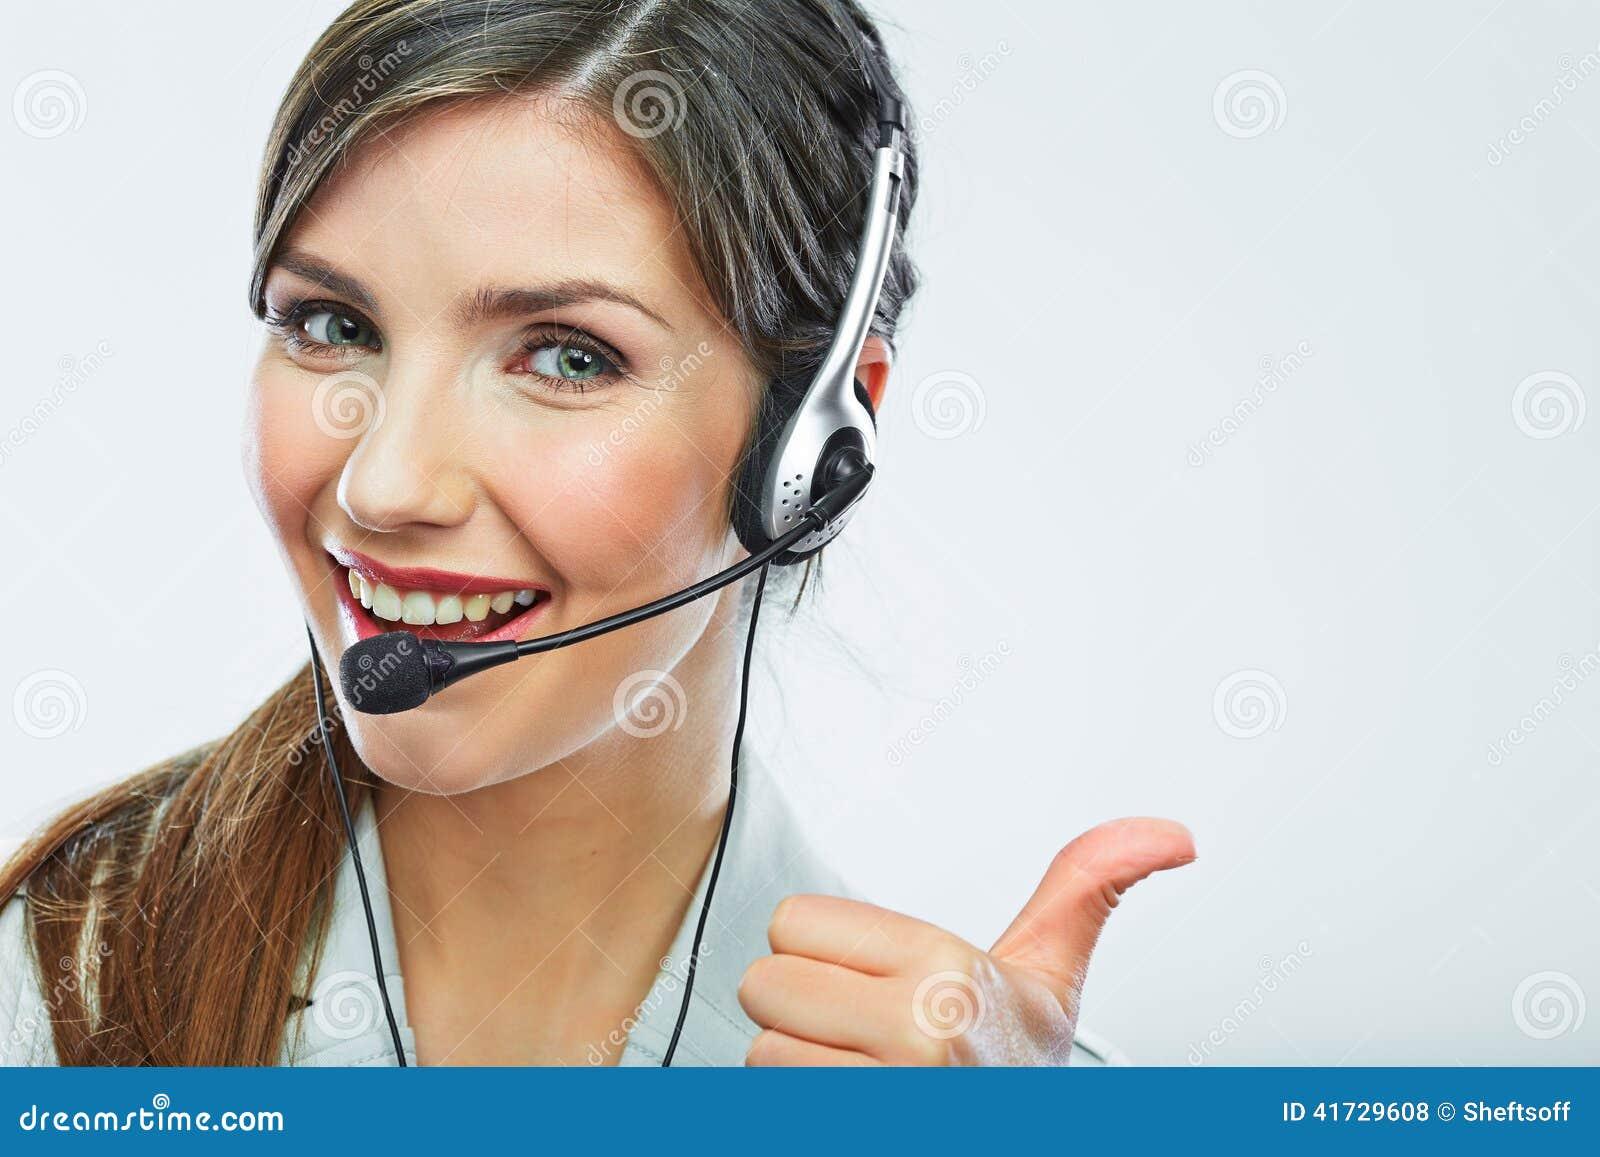 Demostración del pulgar del operador de la atención al cliente operación sonriente del centro de atención telefónica